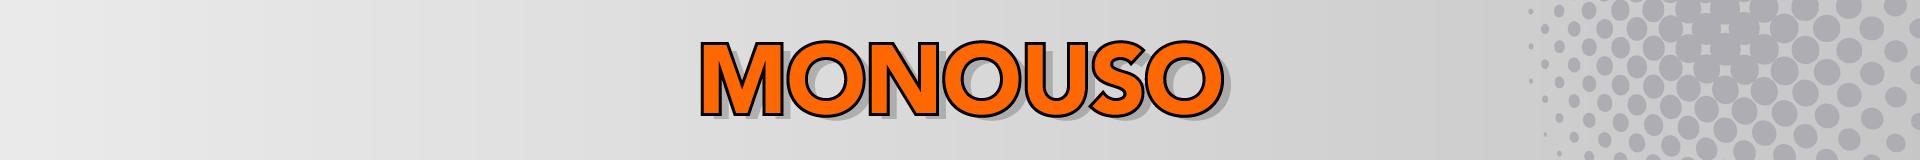 Monouso image